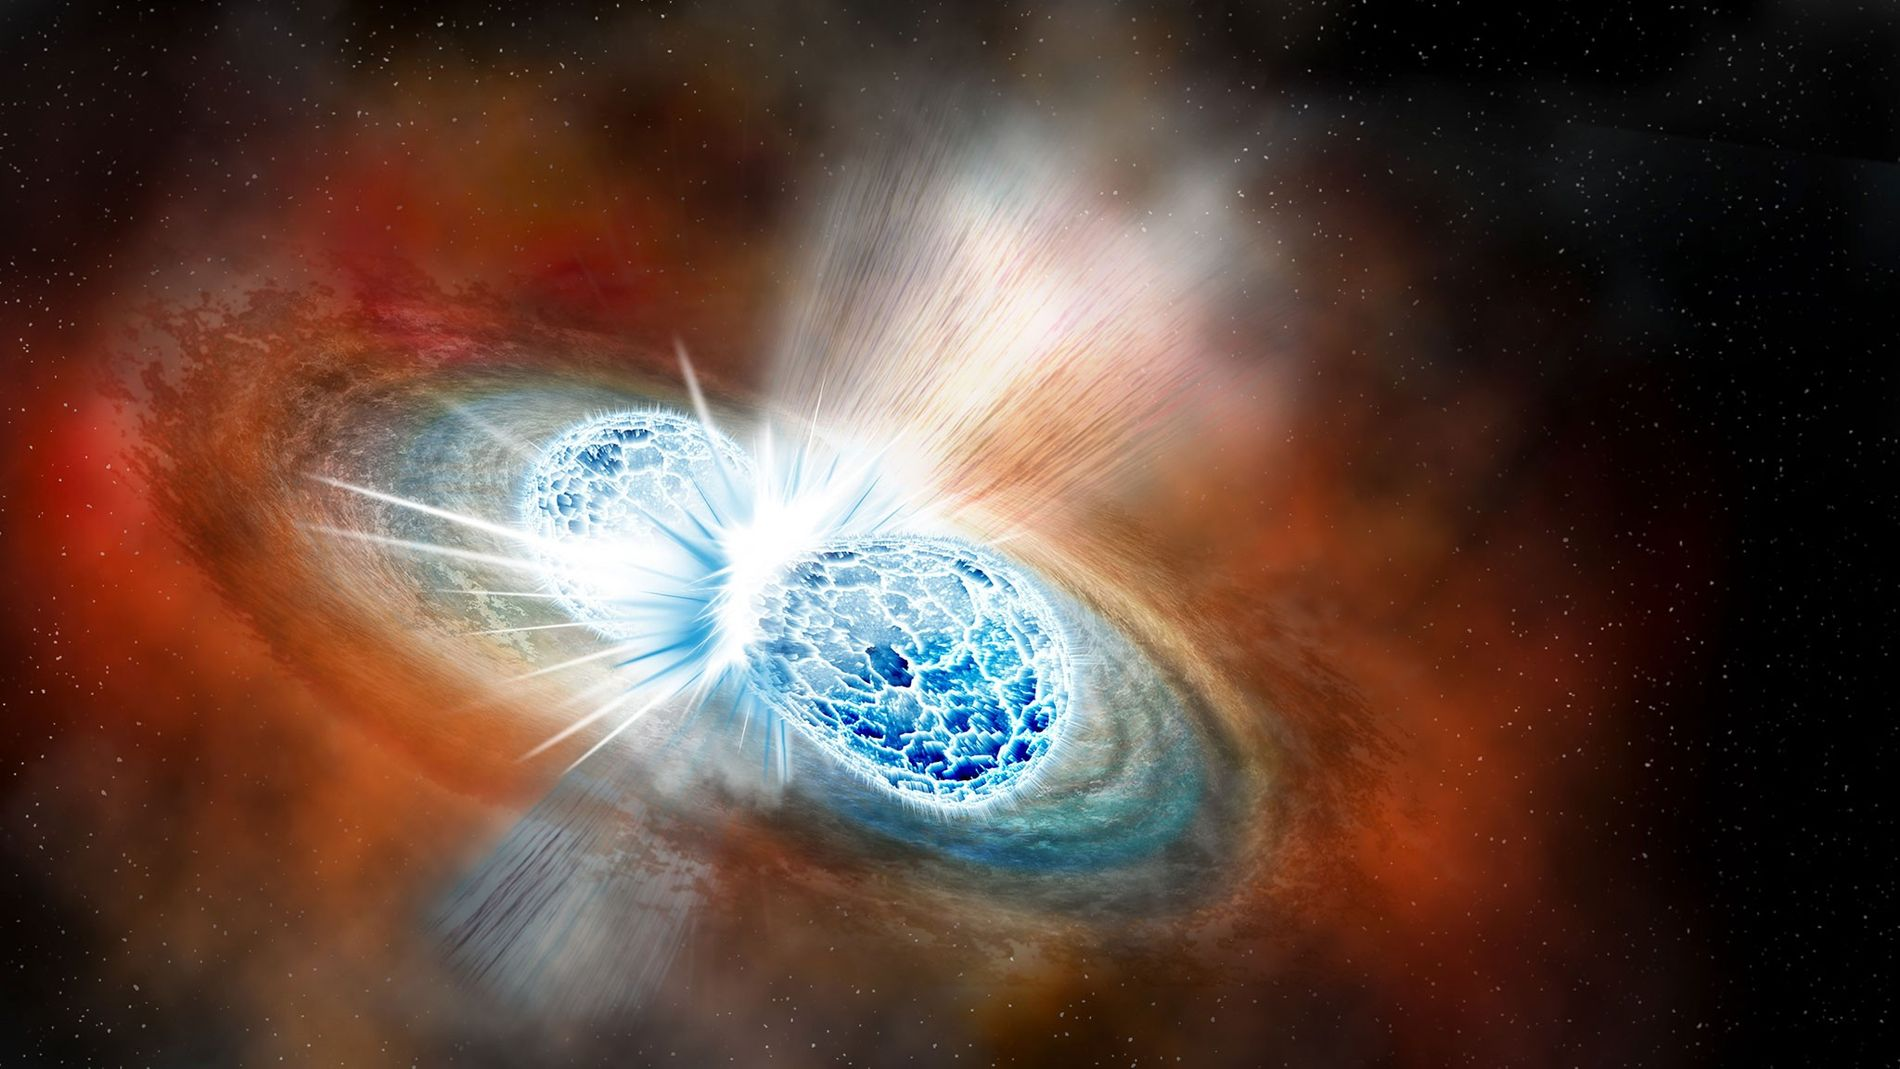 Ilustração de duas estrelas de nêutrons que se colidem em um fenômeno explosivo chamado kilonova. Em ...